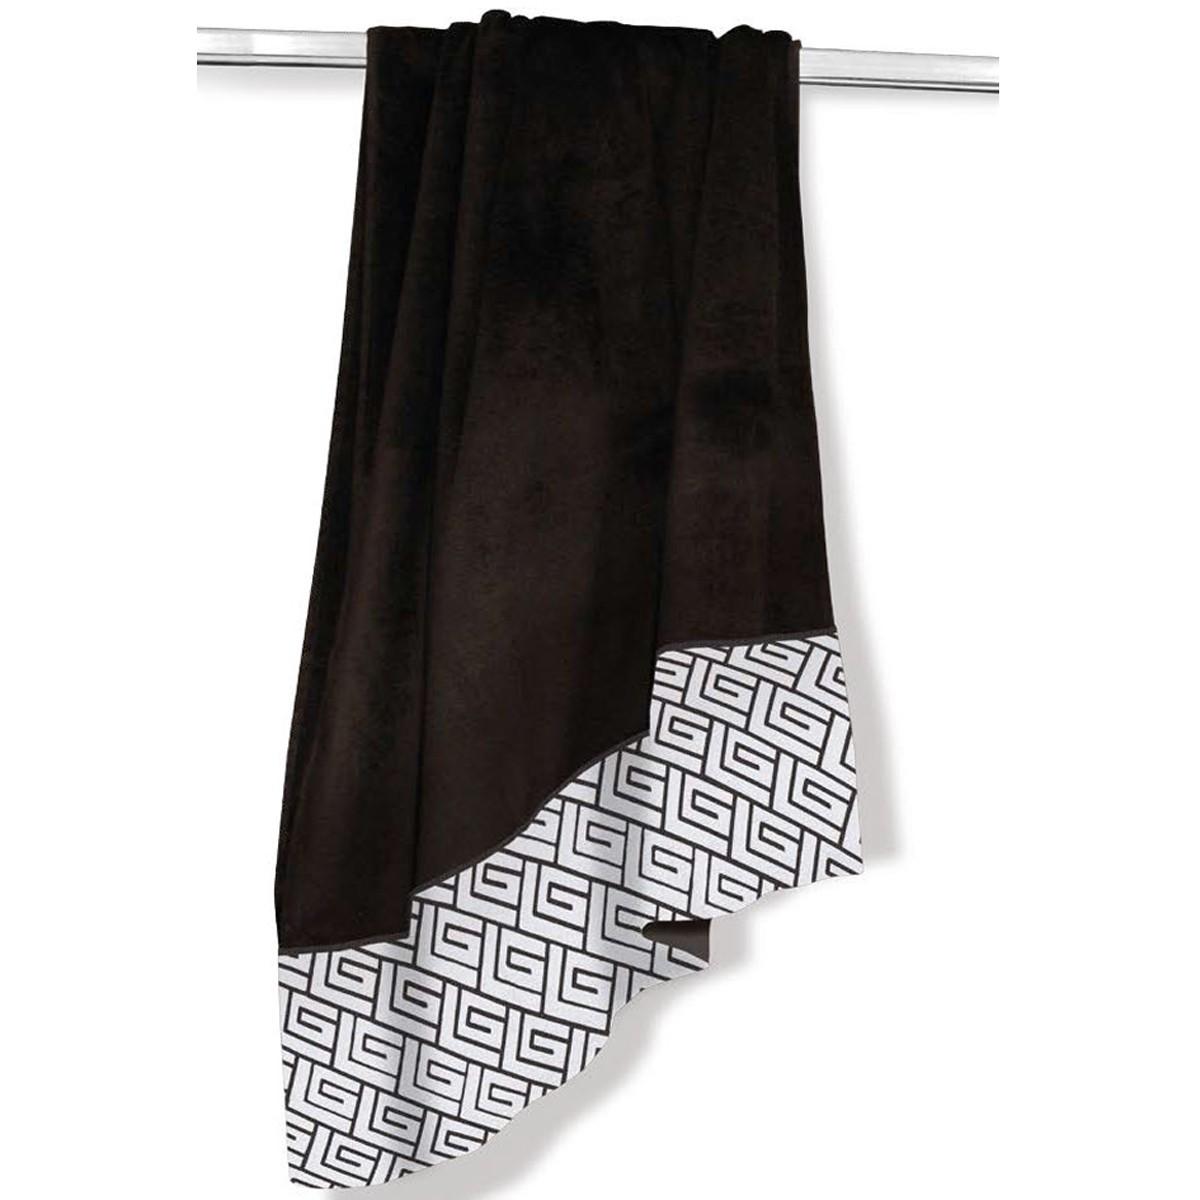 Πετσέτα Θαλάσσης Guy Laroche Jacquard Ground Black